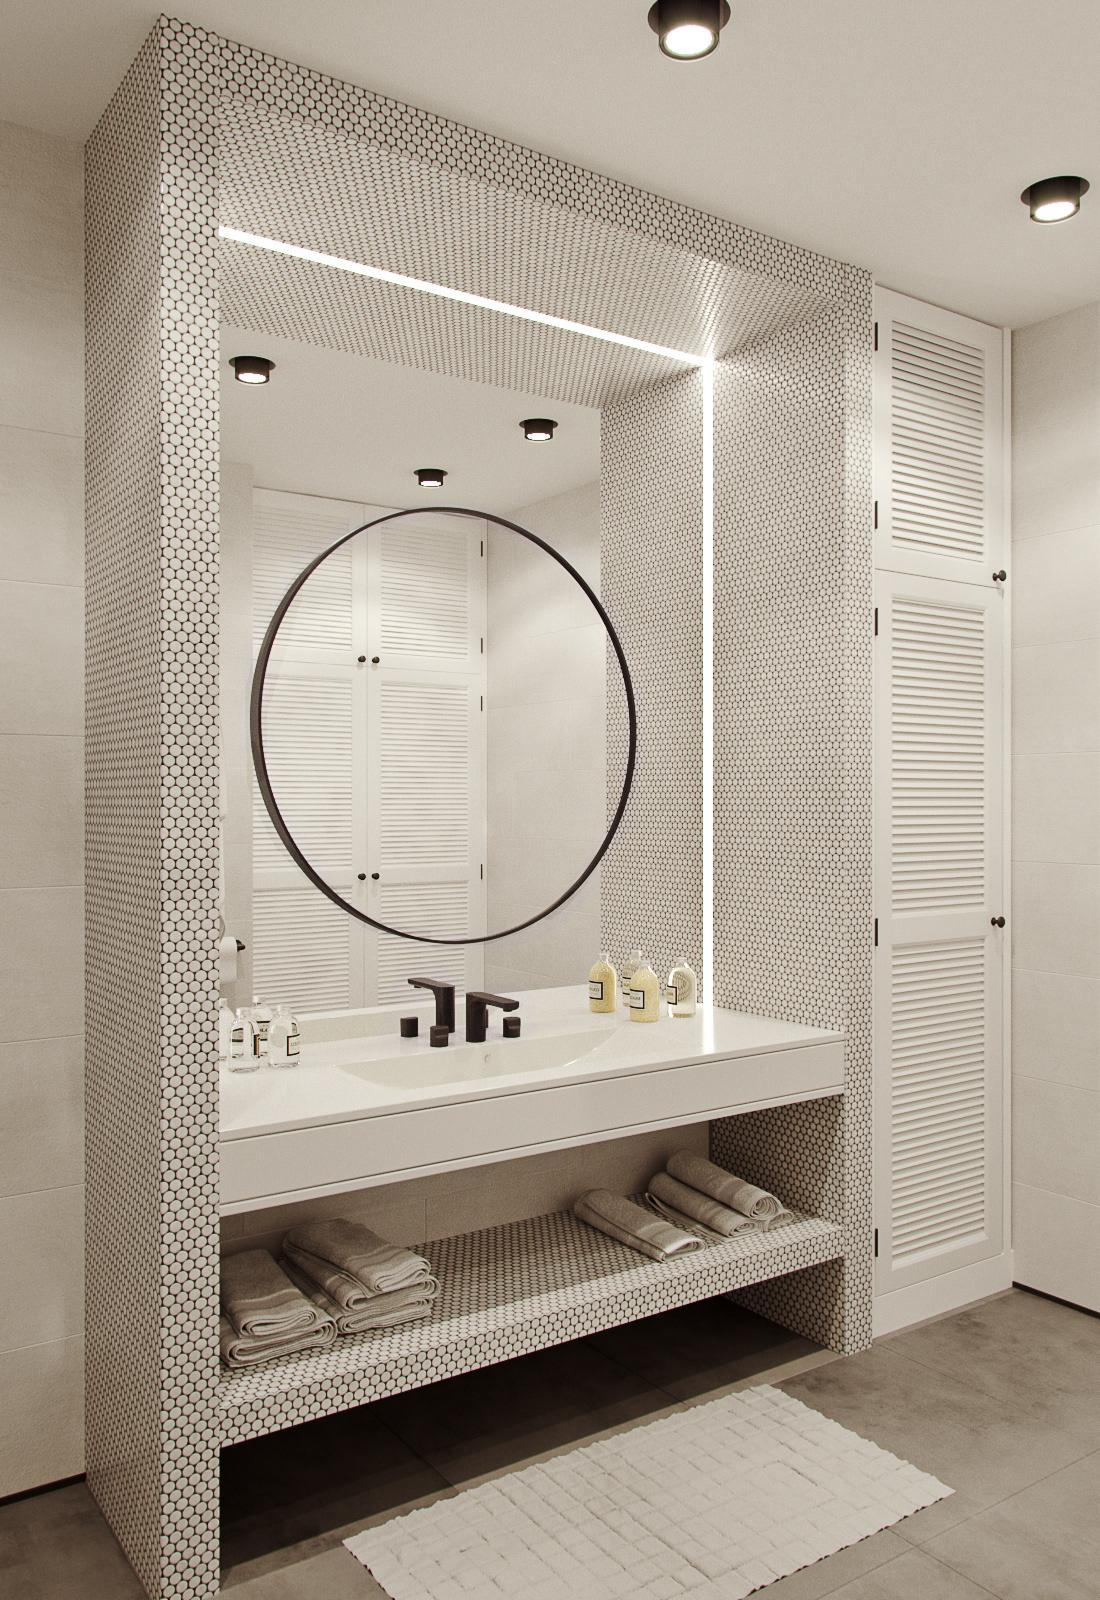 Immagini Di Bagni Piccoli come arredare un bagno piccolo: 7 segreti dell'architetto